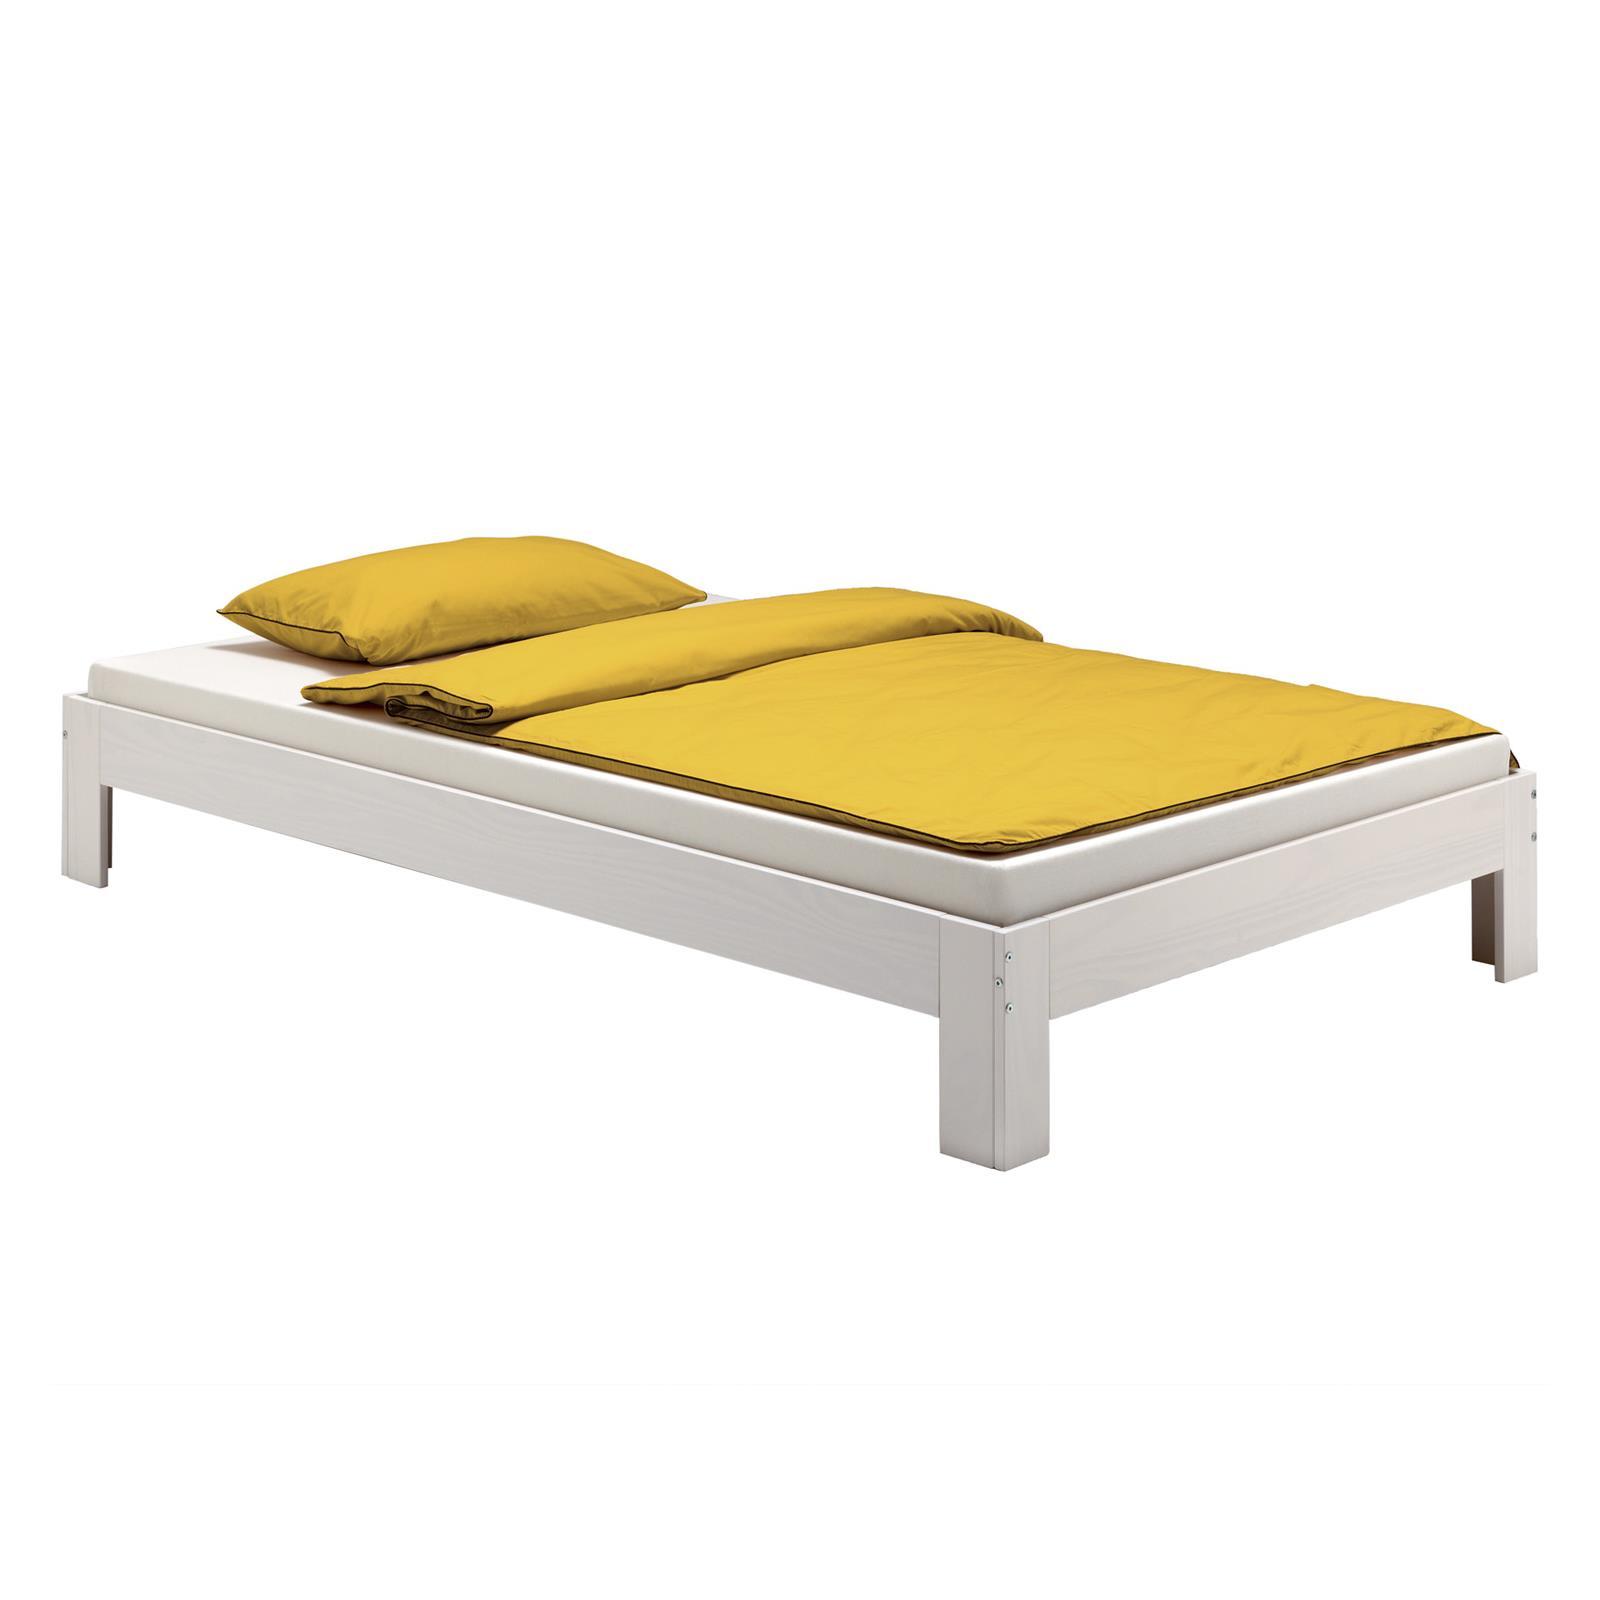 futonbett einzelbett doppelbett holzbett bettgestell kiefer massiv versch farben ebay. Black Bedroom Furniture Sets. Home Design Ideas